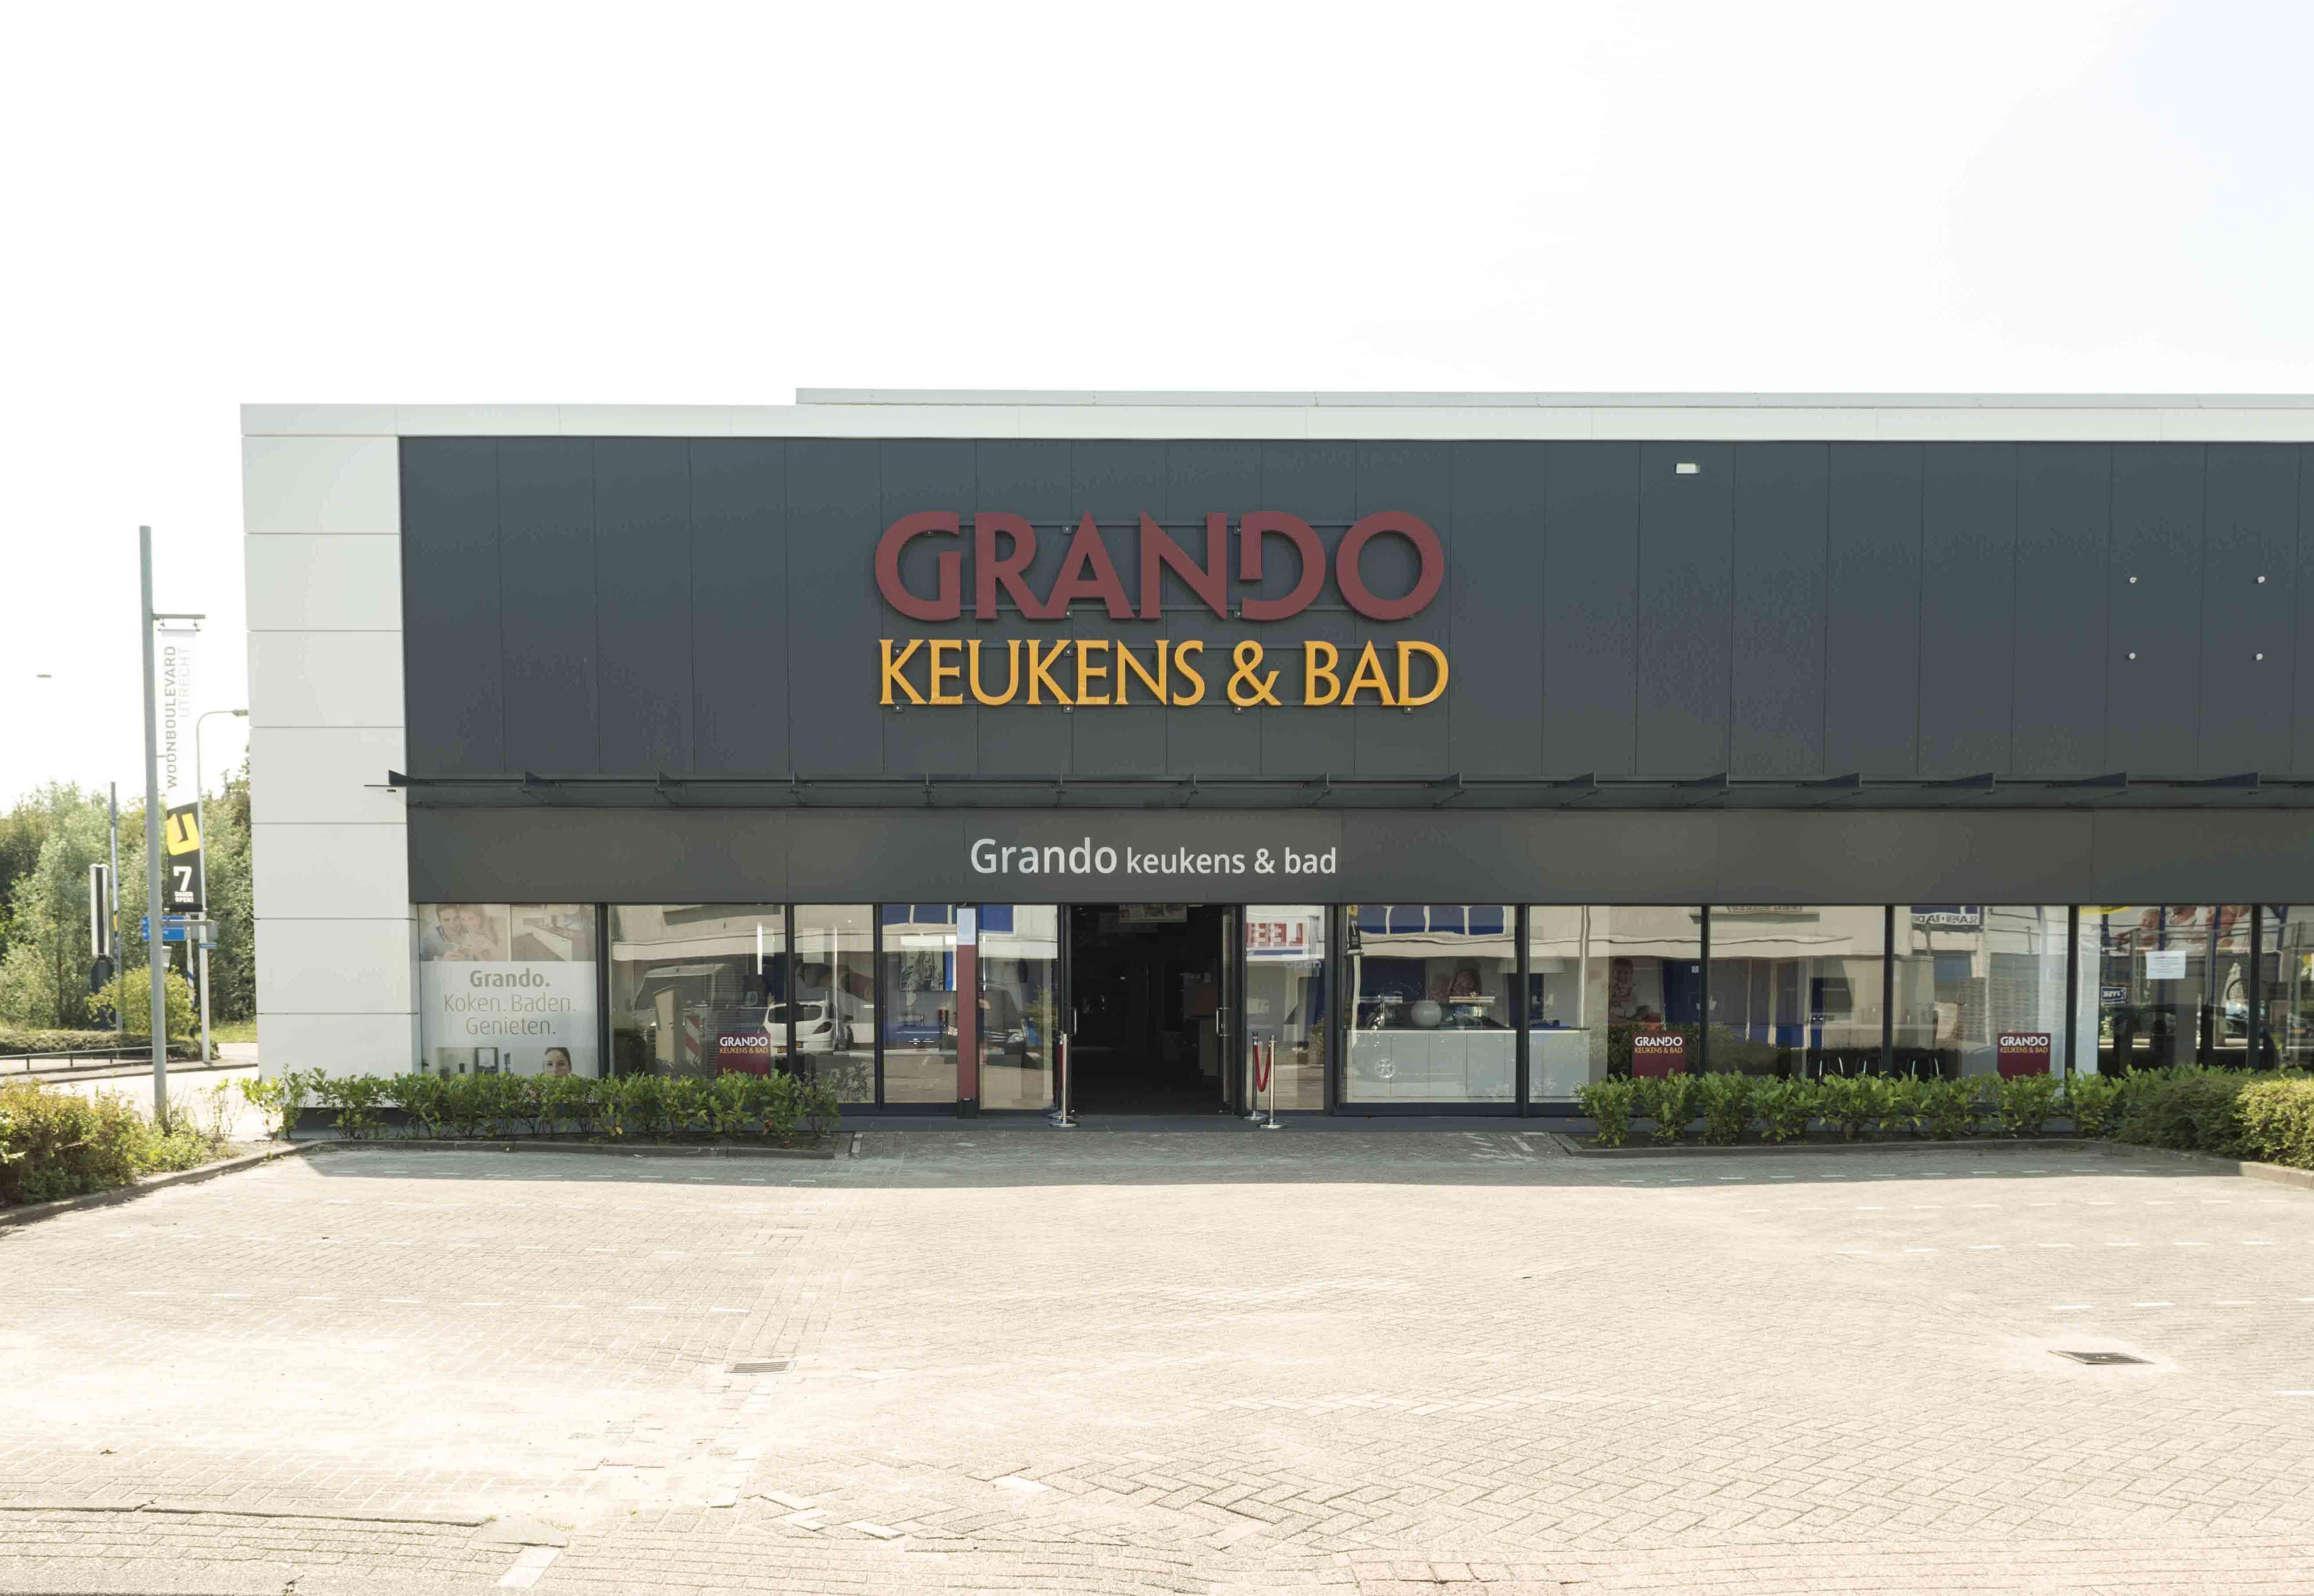 Keuken Design Hilversum : Grando Keukens & Bad - Ondernemer worden bij